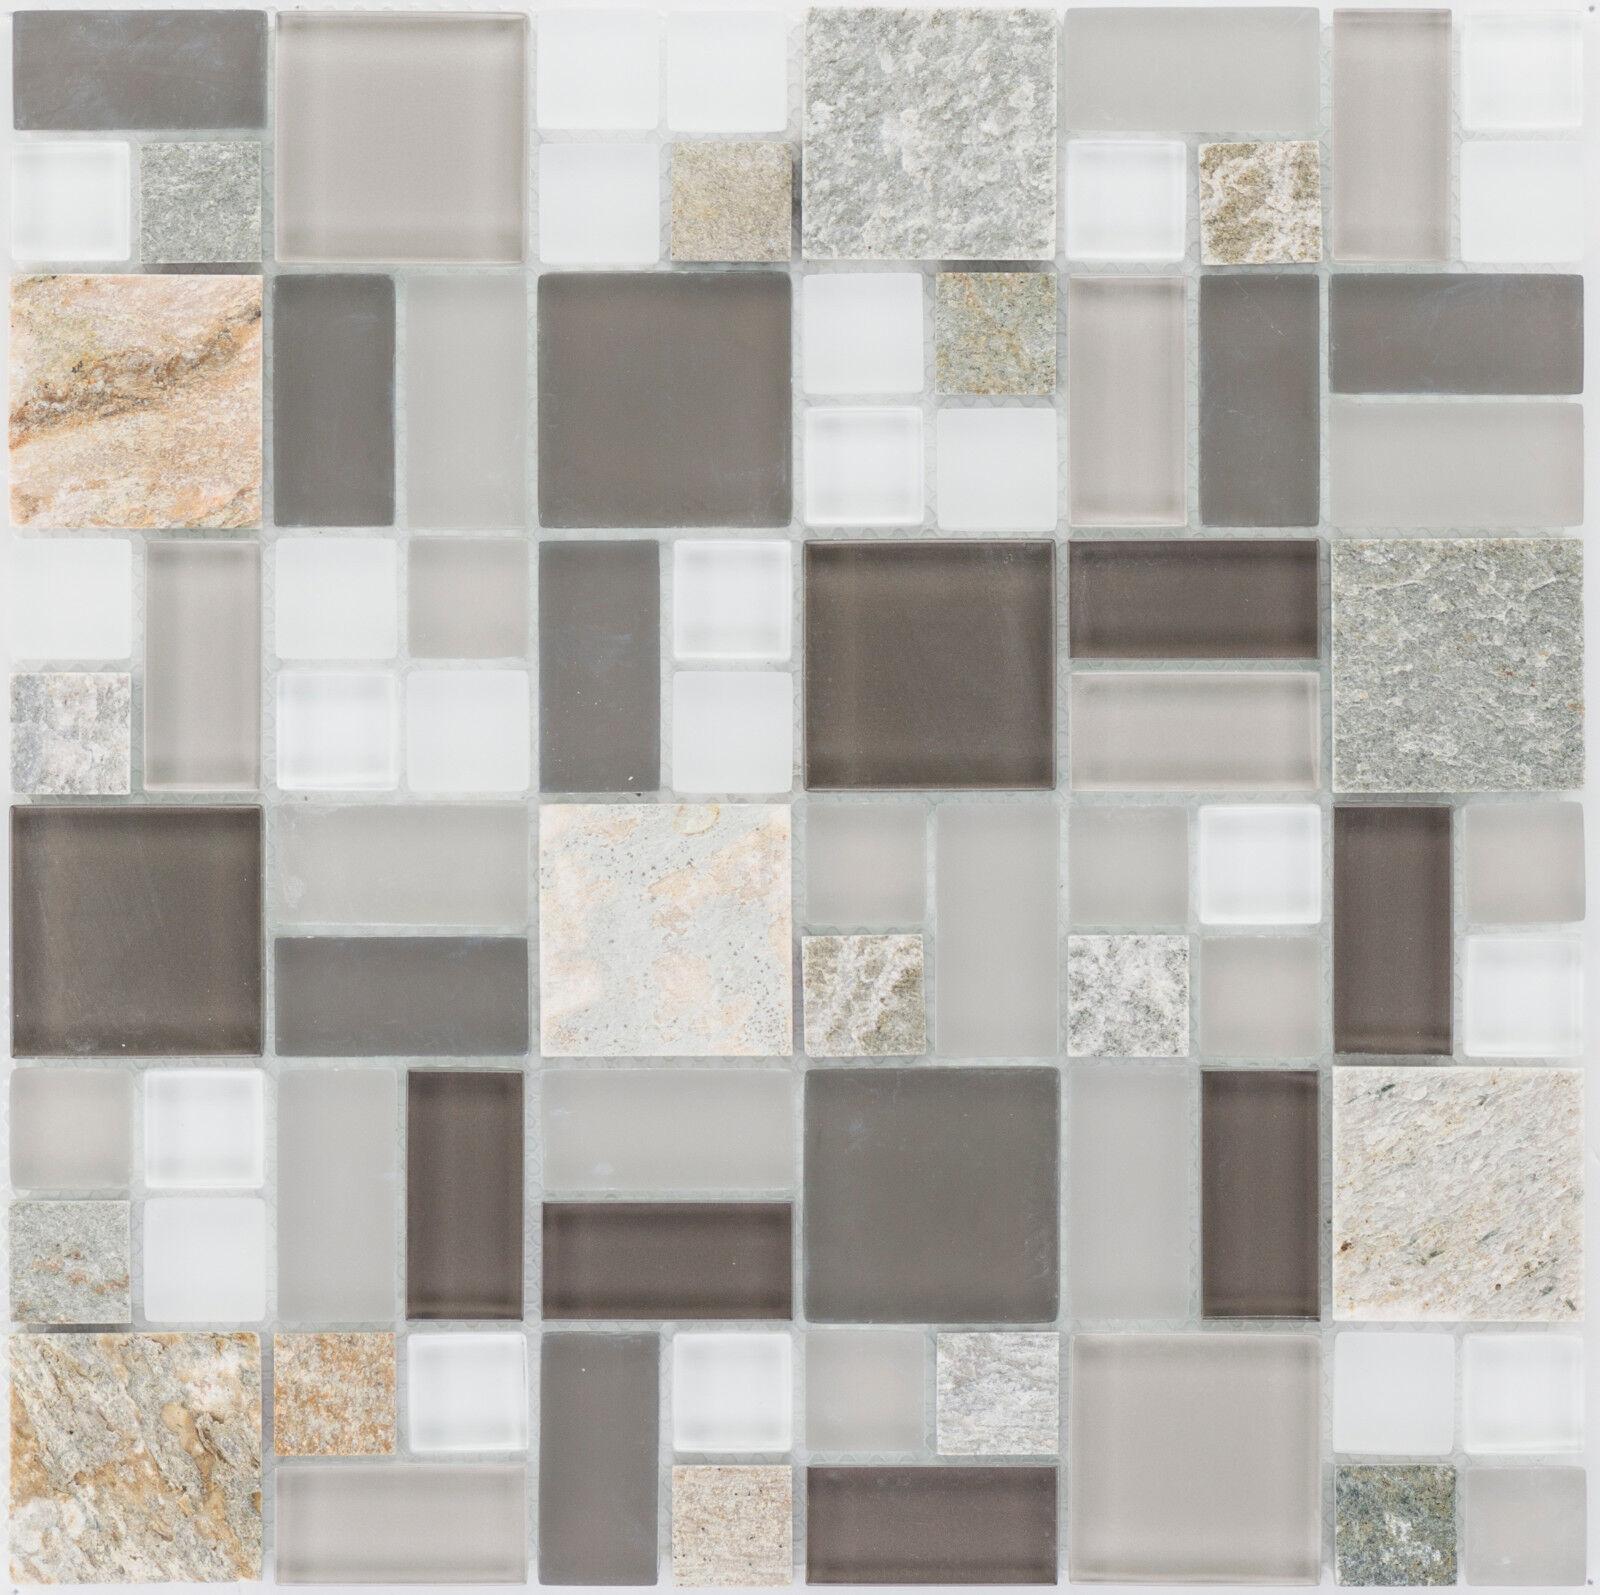 Naturstein Glasmosaik Quarzit Grau Wand Fliesenspiegel   10Matten ES-66193_f